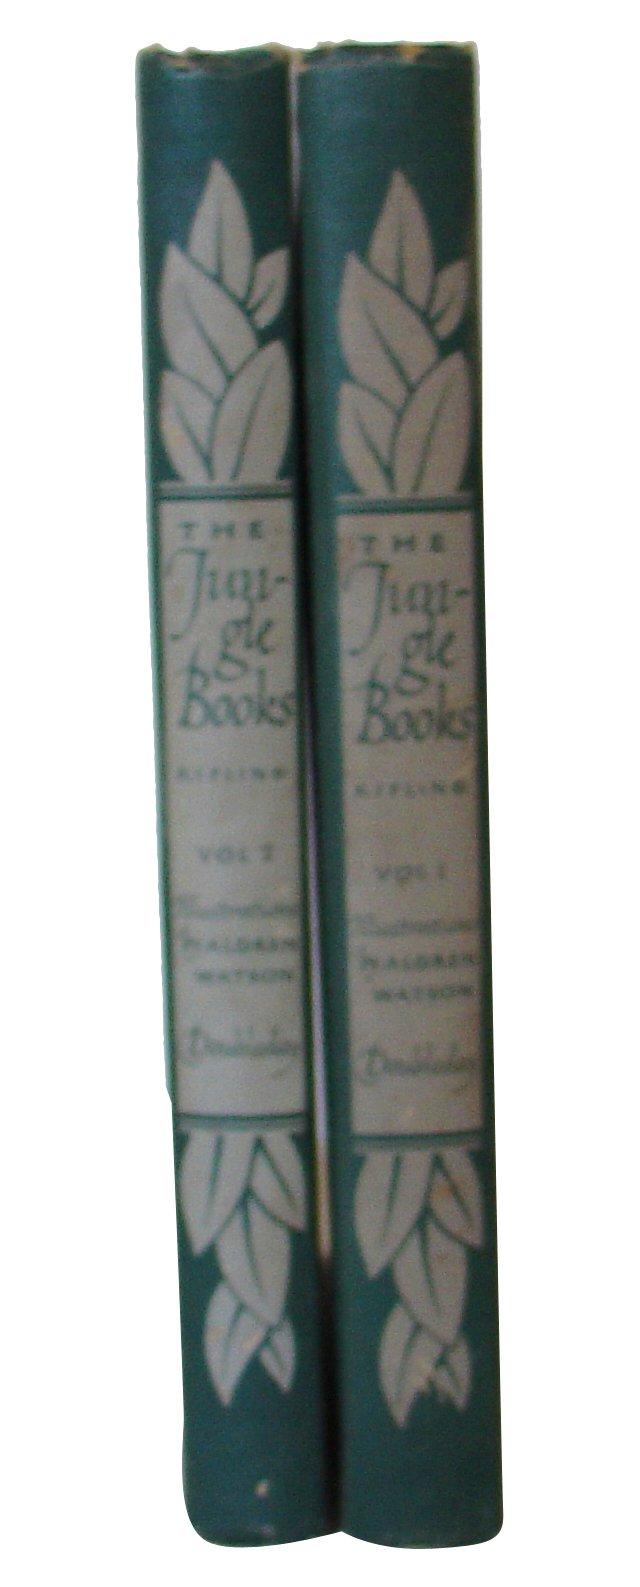 The Jungle Books, 2 Vols